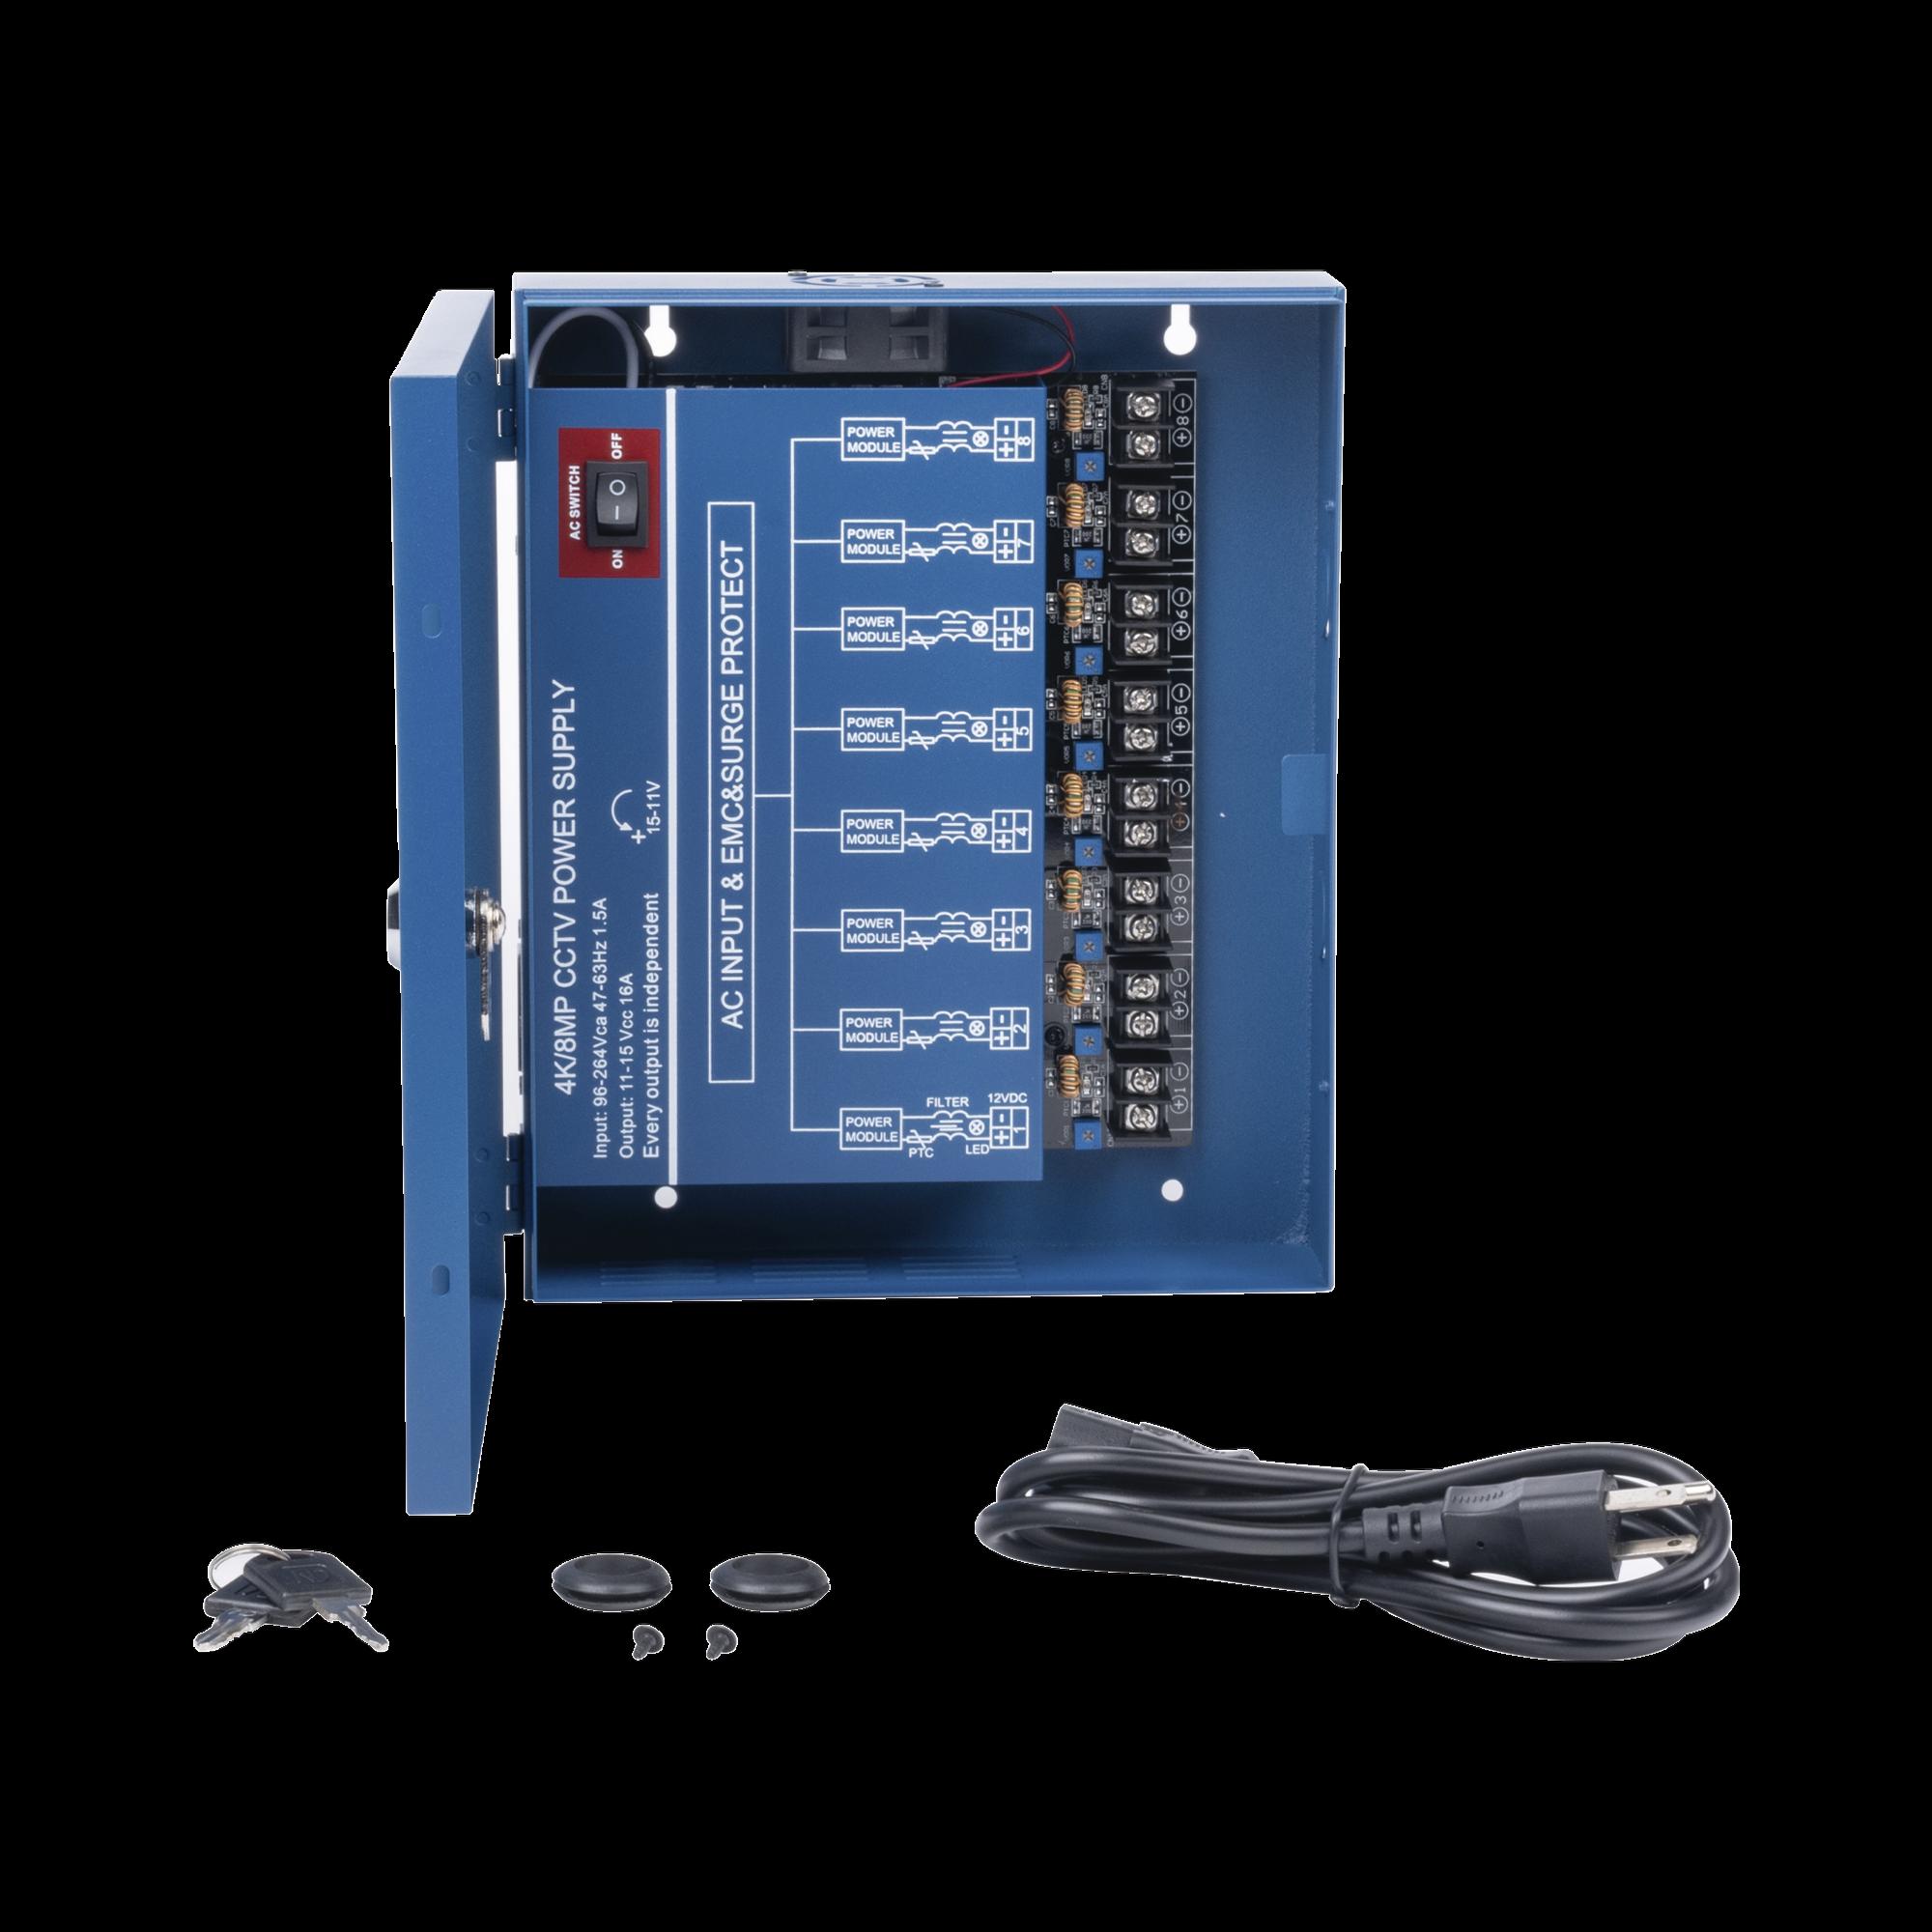 Fuente de poder profesional HEAVY DUTY de 11 - 15 Vcd @ 16 Amper, para hasta 16 cámaras, con voltaje de entrada de: 110-220 Vca / Compatible con cámaras 4K